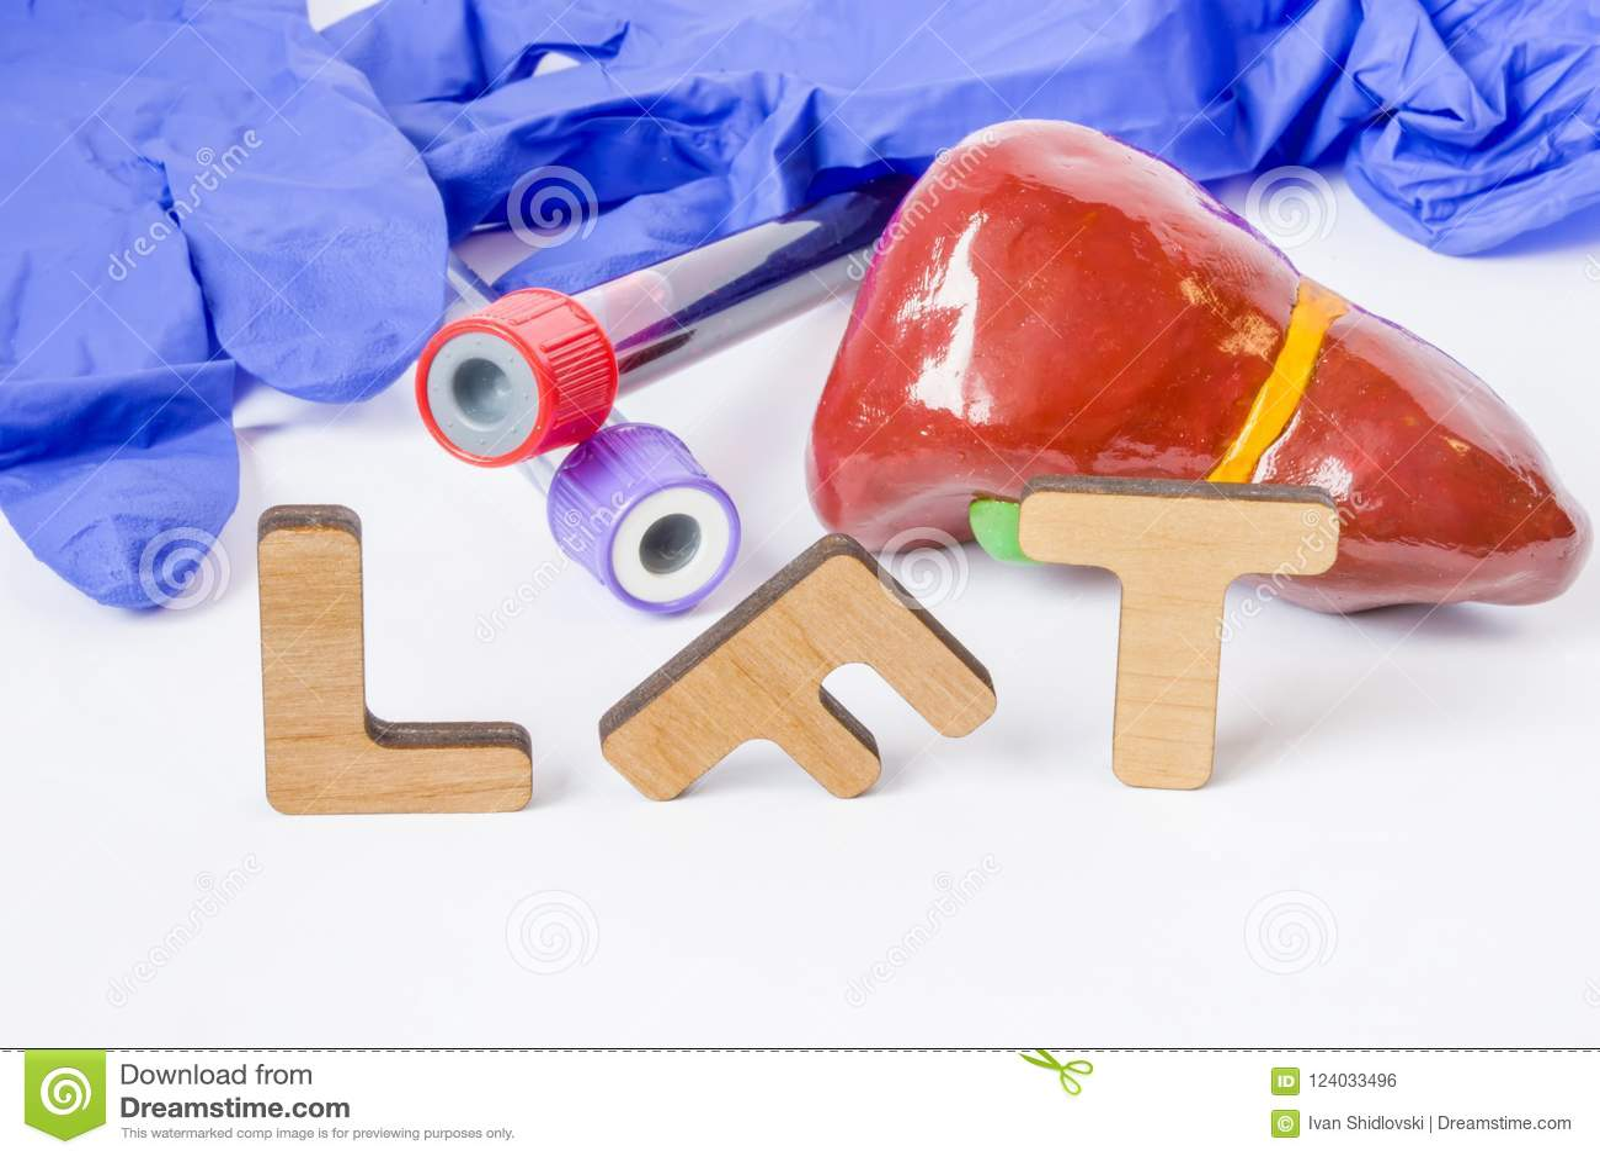 Akronymen för det kliniska laboratoriumet för LFT bestämmer den medicinska eller förkortningen av leverfunktionsprov, det hälsa a